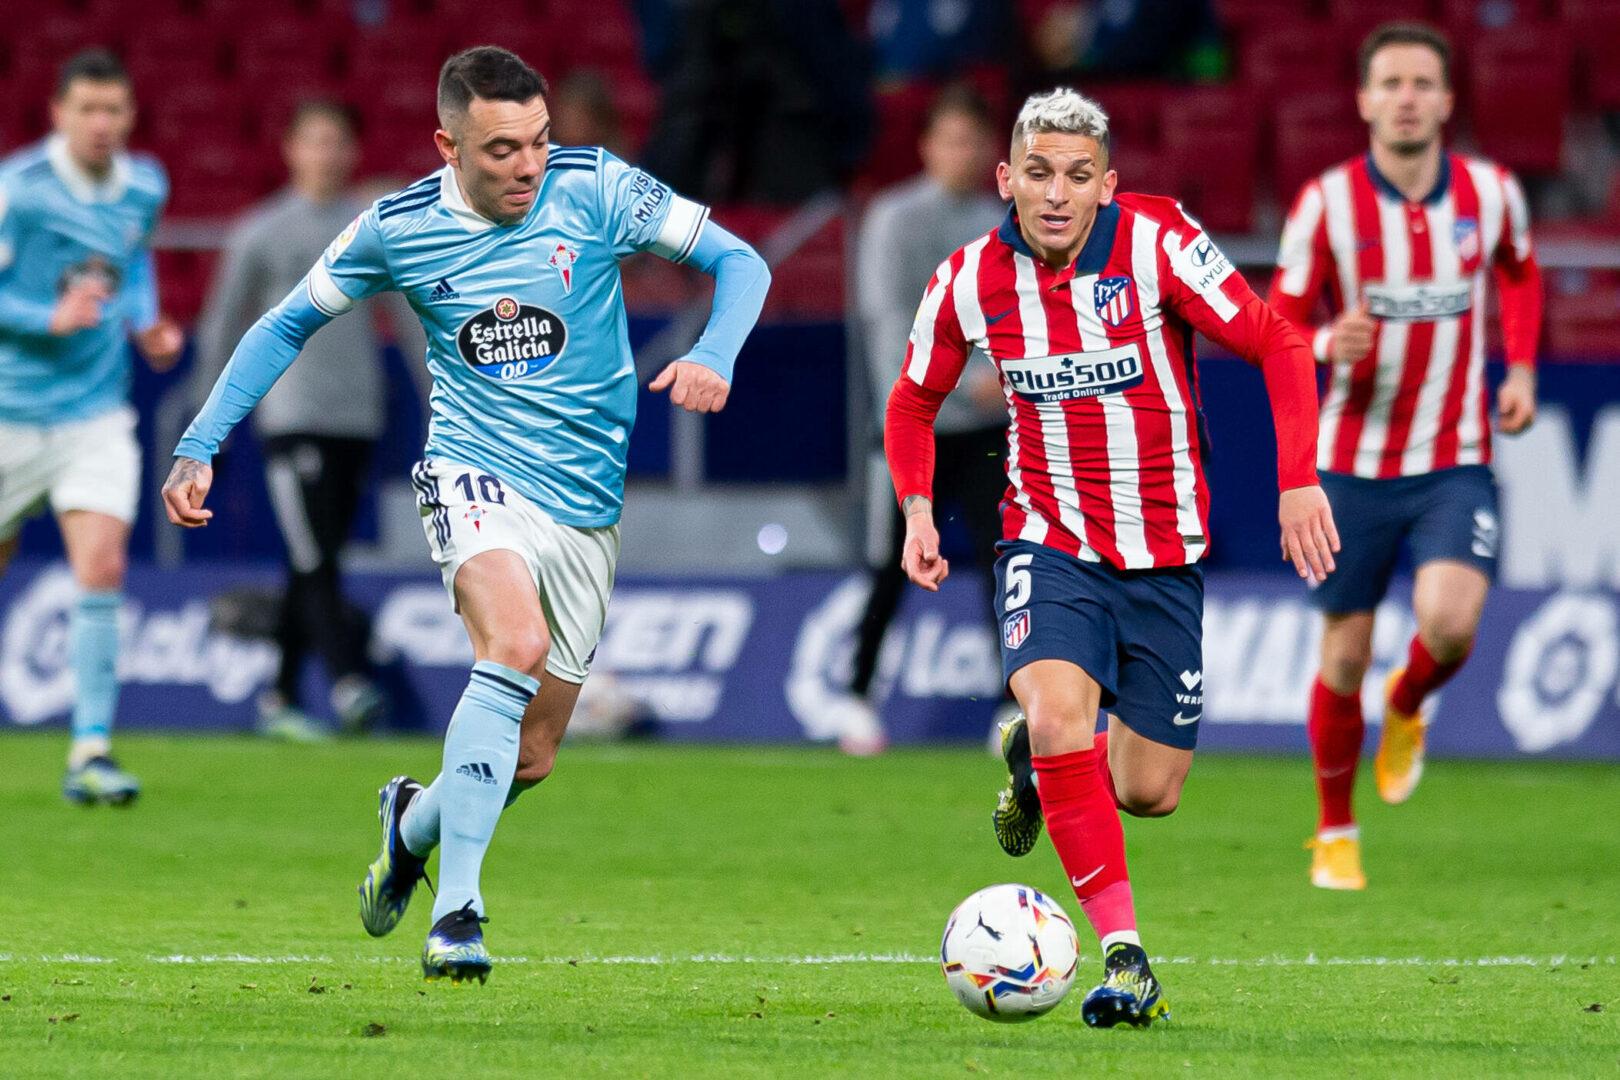 Lucas Torreira führt im Trikot von Atletico Madrid einen Zweikampf mit Celta Vigos Iago Aspas